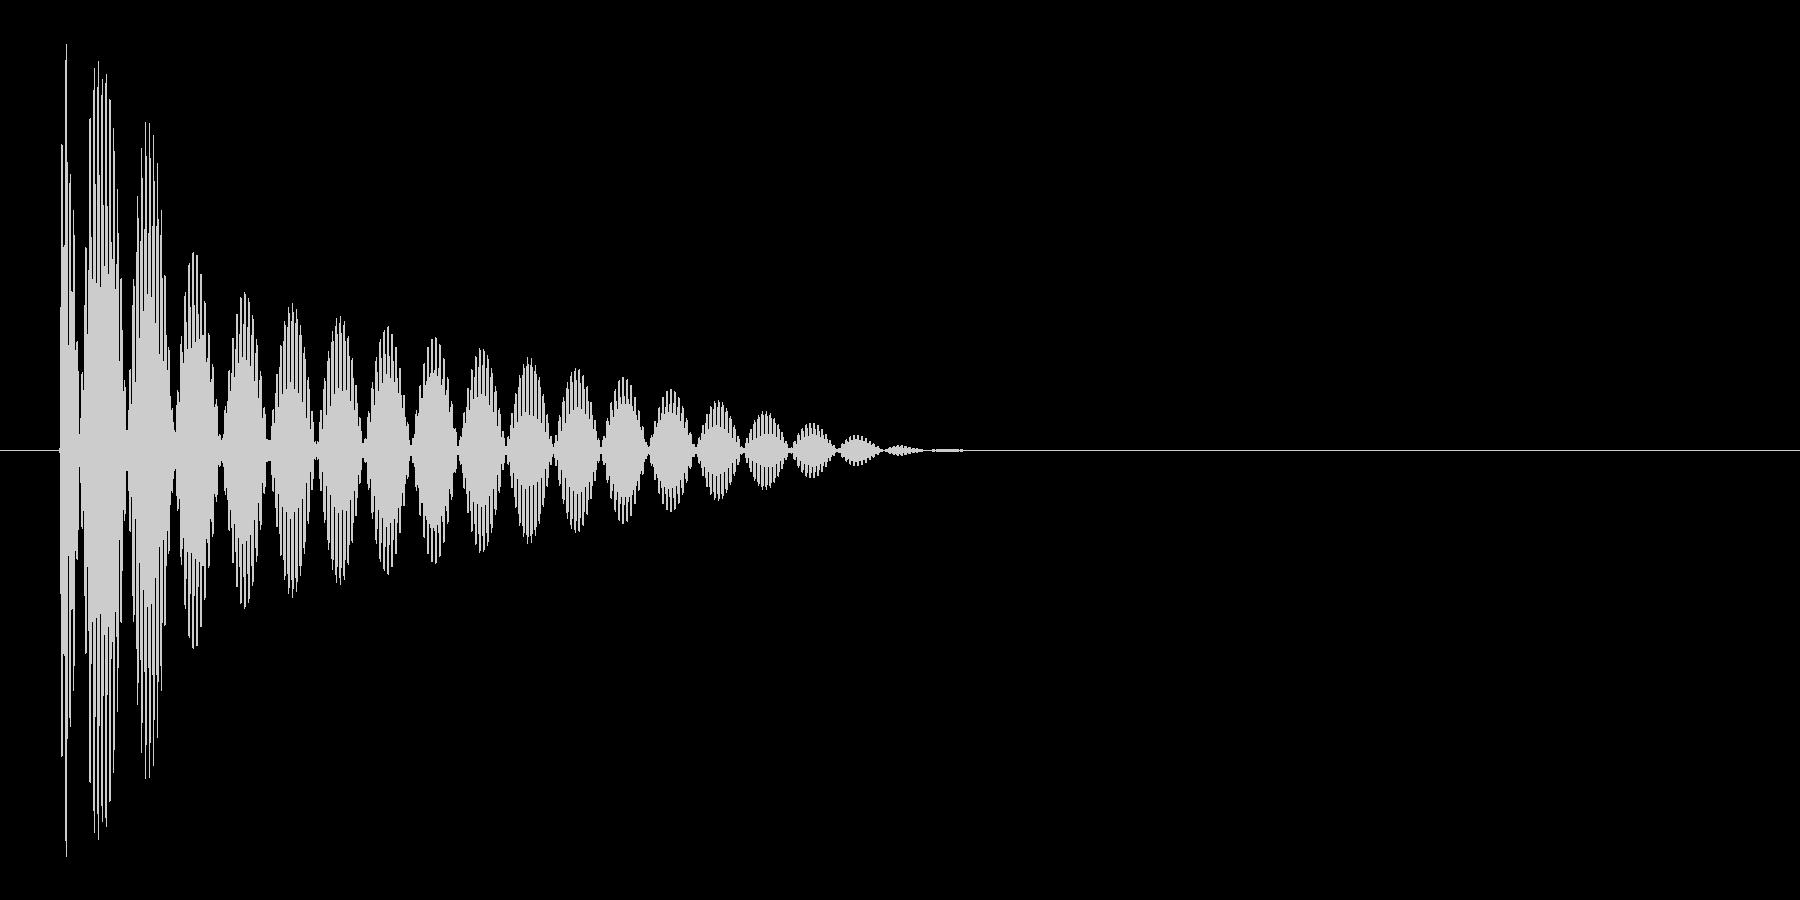 ブー(ビープ音)の未再生の波形